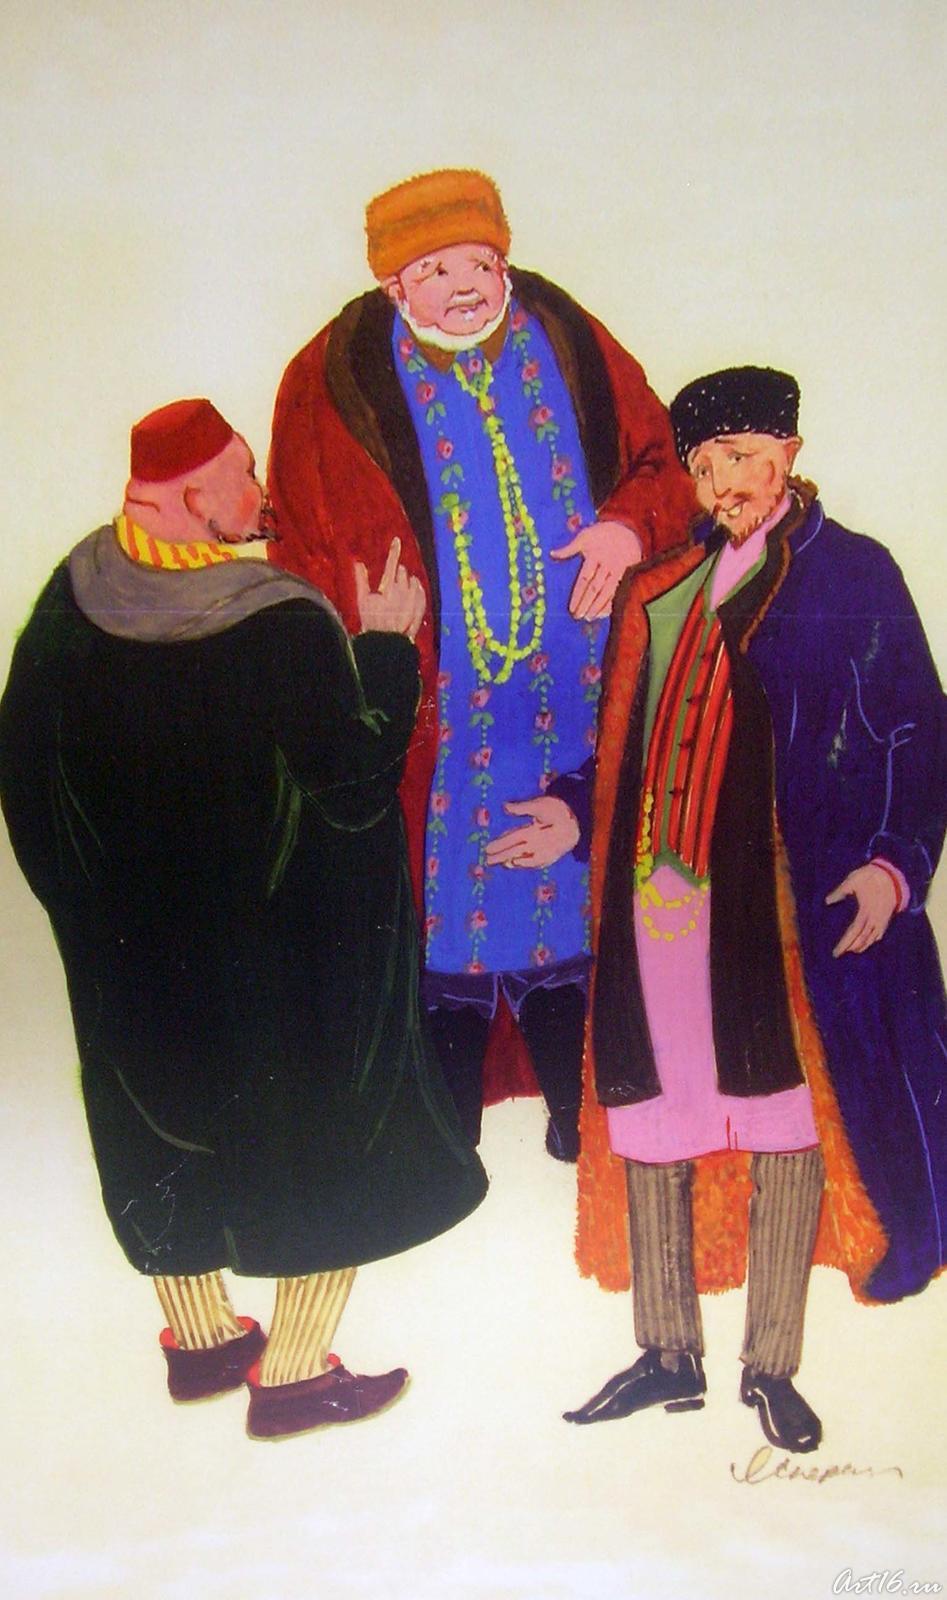 Фото №17645. Эскиз к альбому ''Костюм казанских татар''. 1970-1972